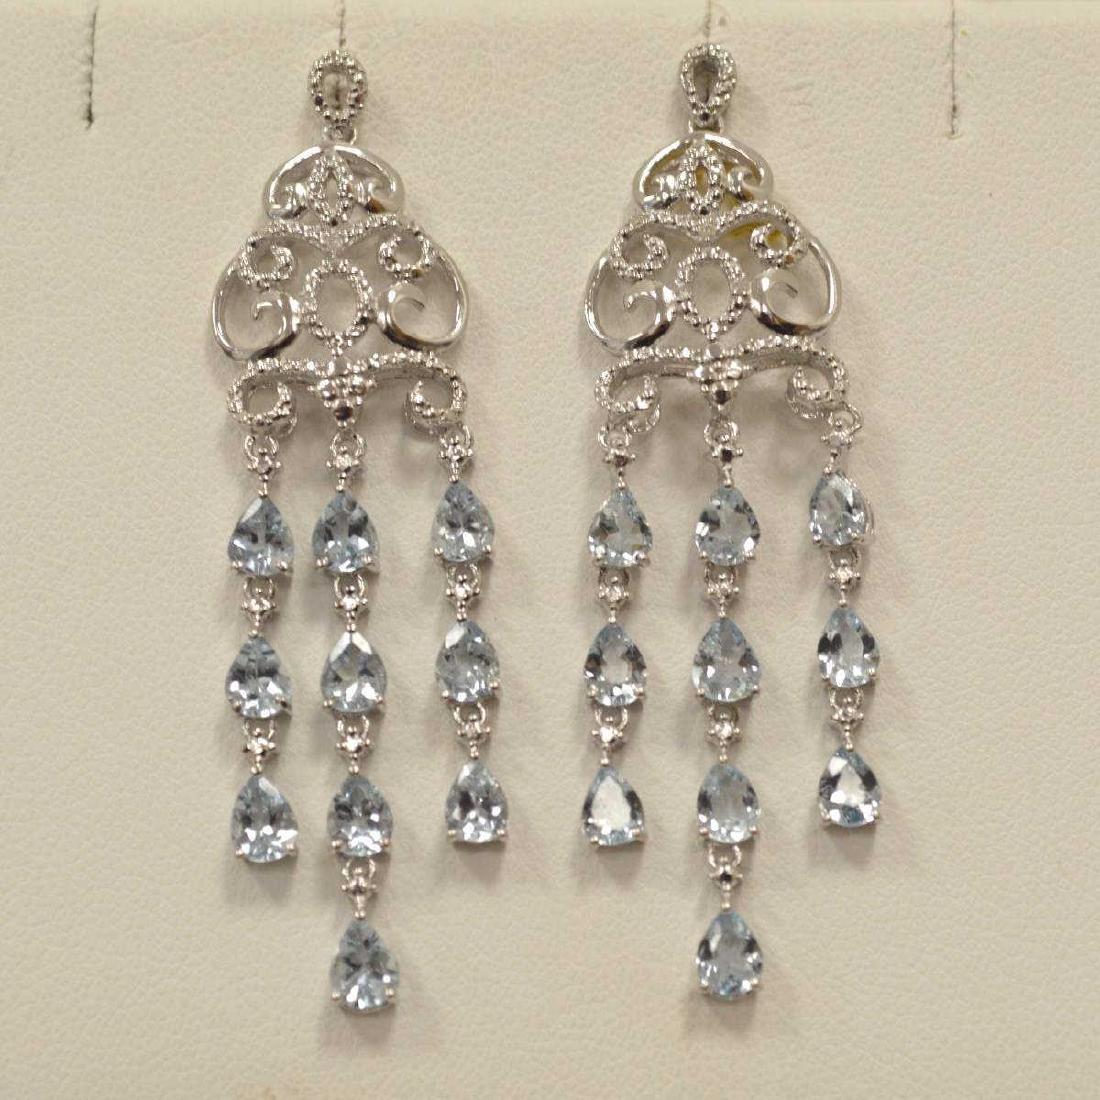 Sterling Silver aquamarine drop earrings - 2